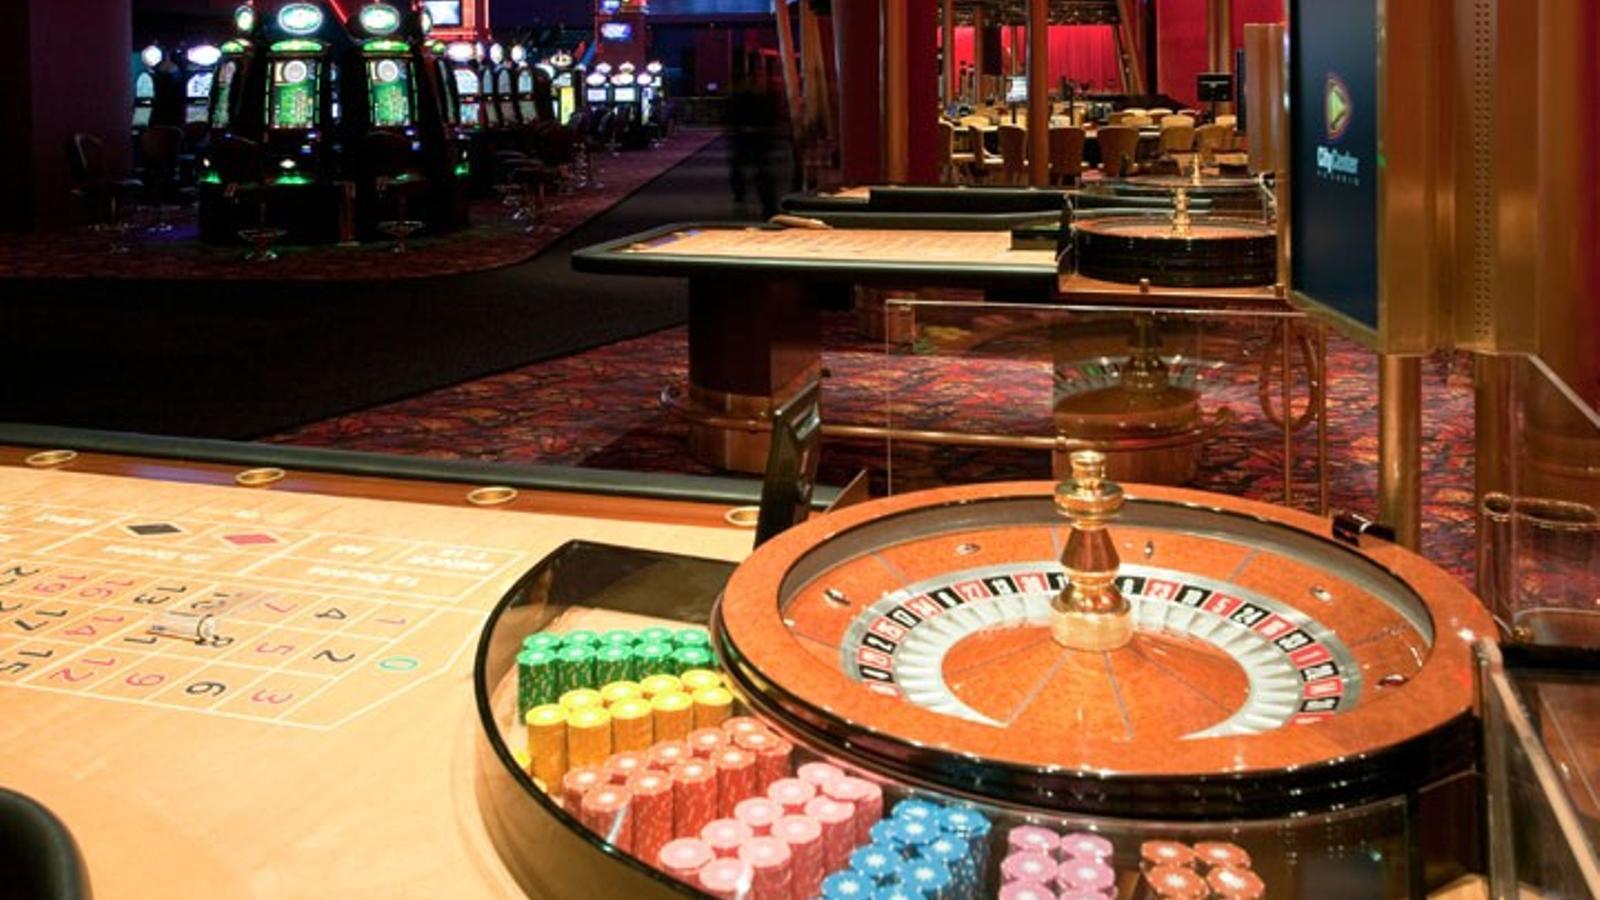 Canxine amore faccio un casino